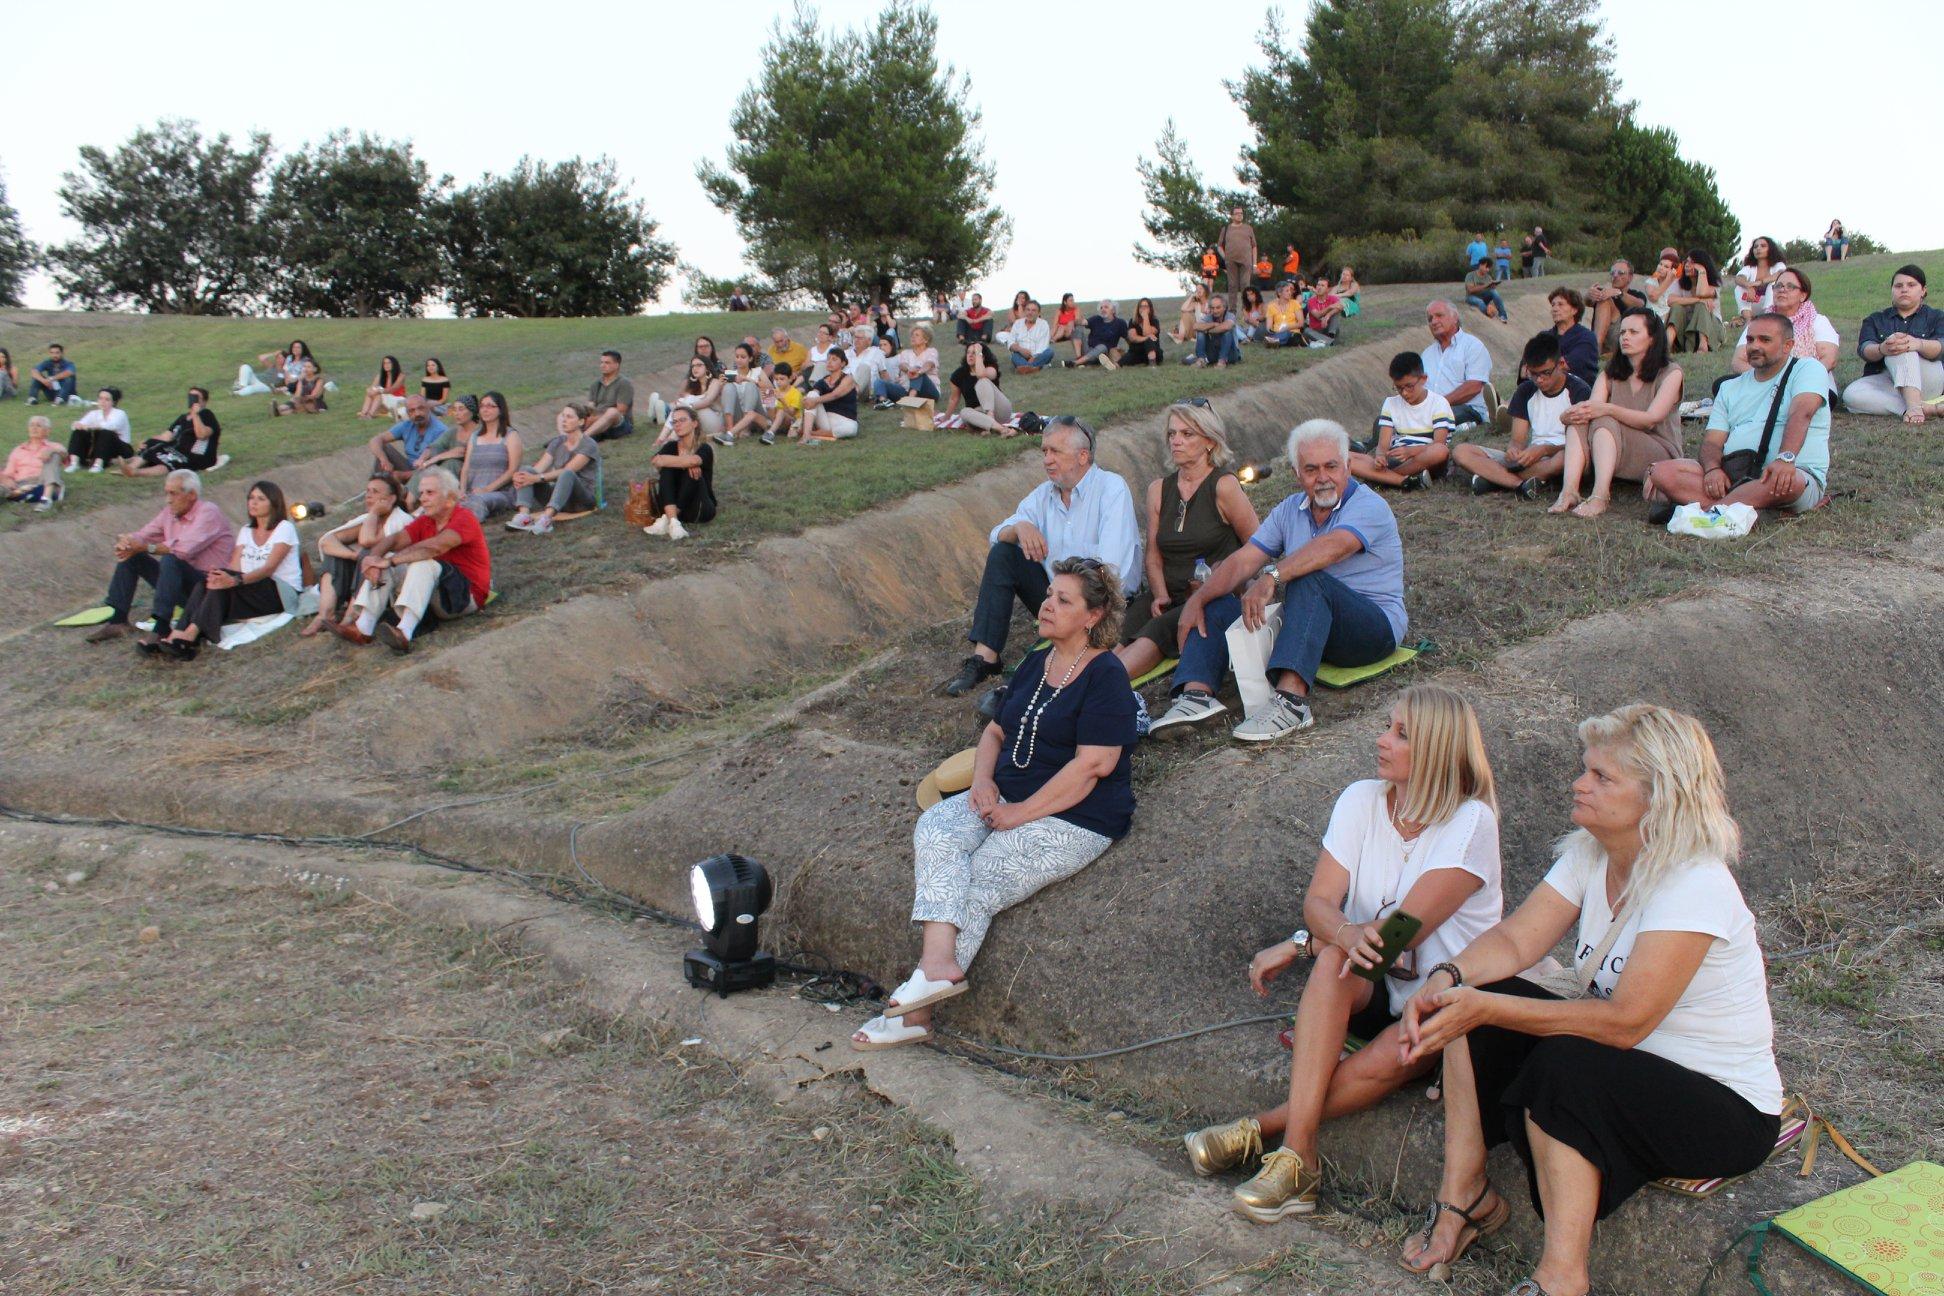 Μαγευτική η μουσική παράσταση «Οι ποιητές μας τραγουδούν» στο Αρχαίο Θέατρο της Αρχαίας Ήλιδας (photos)